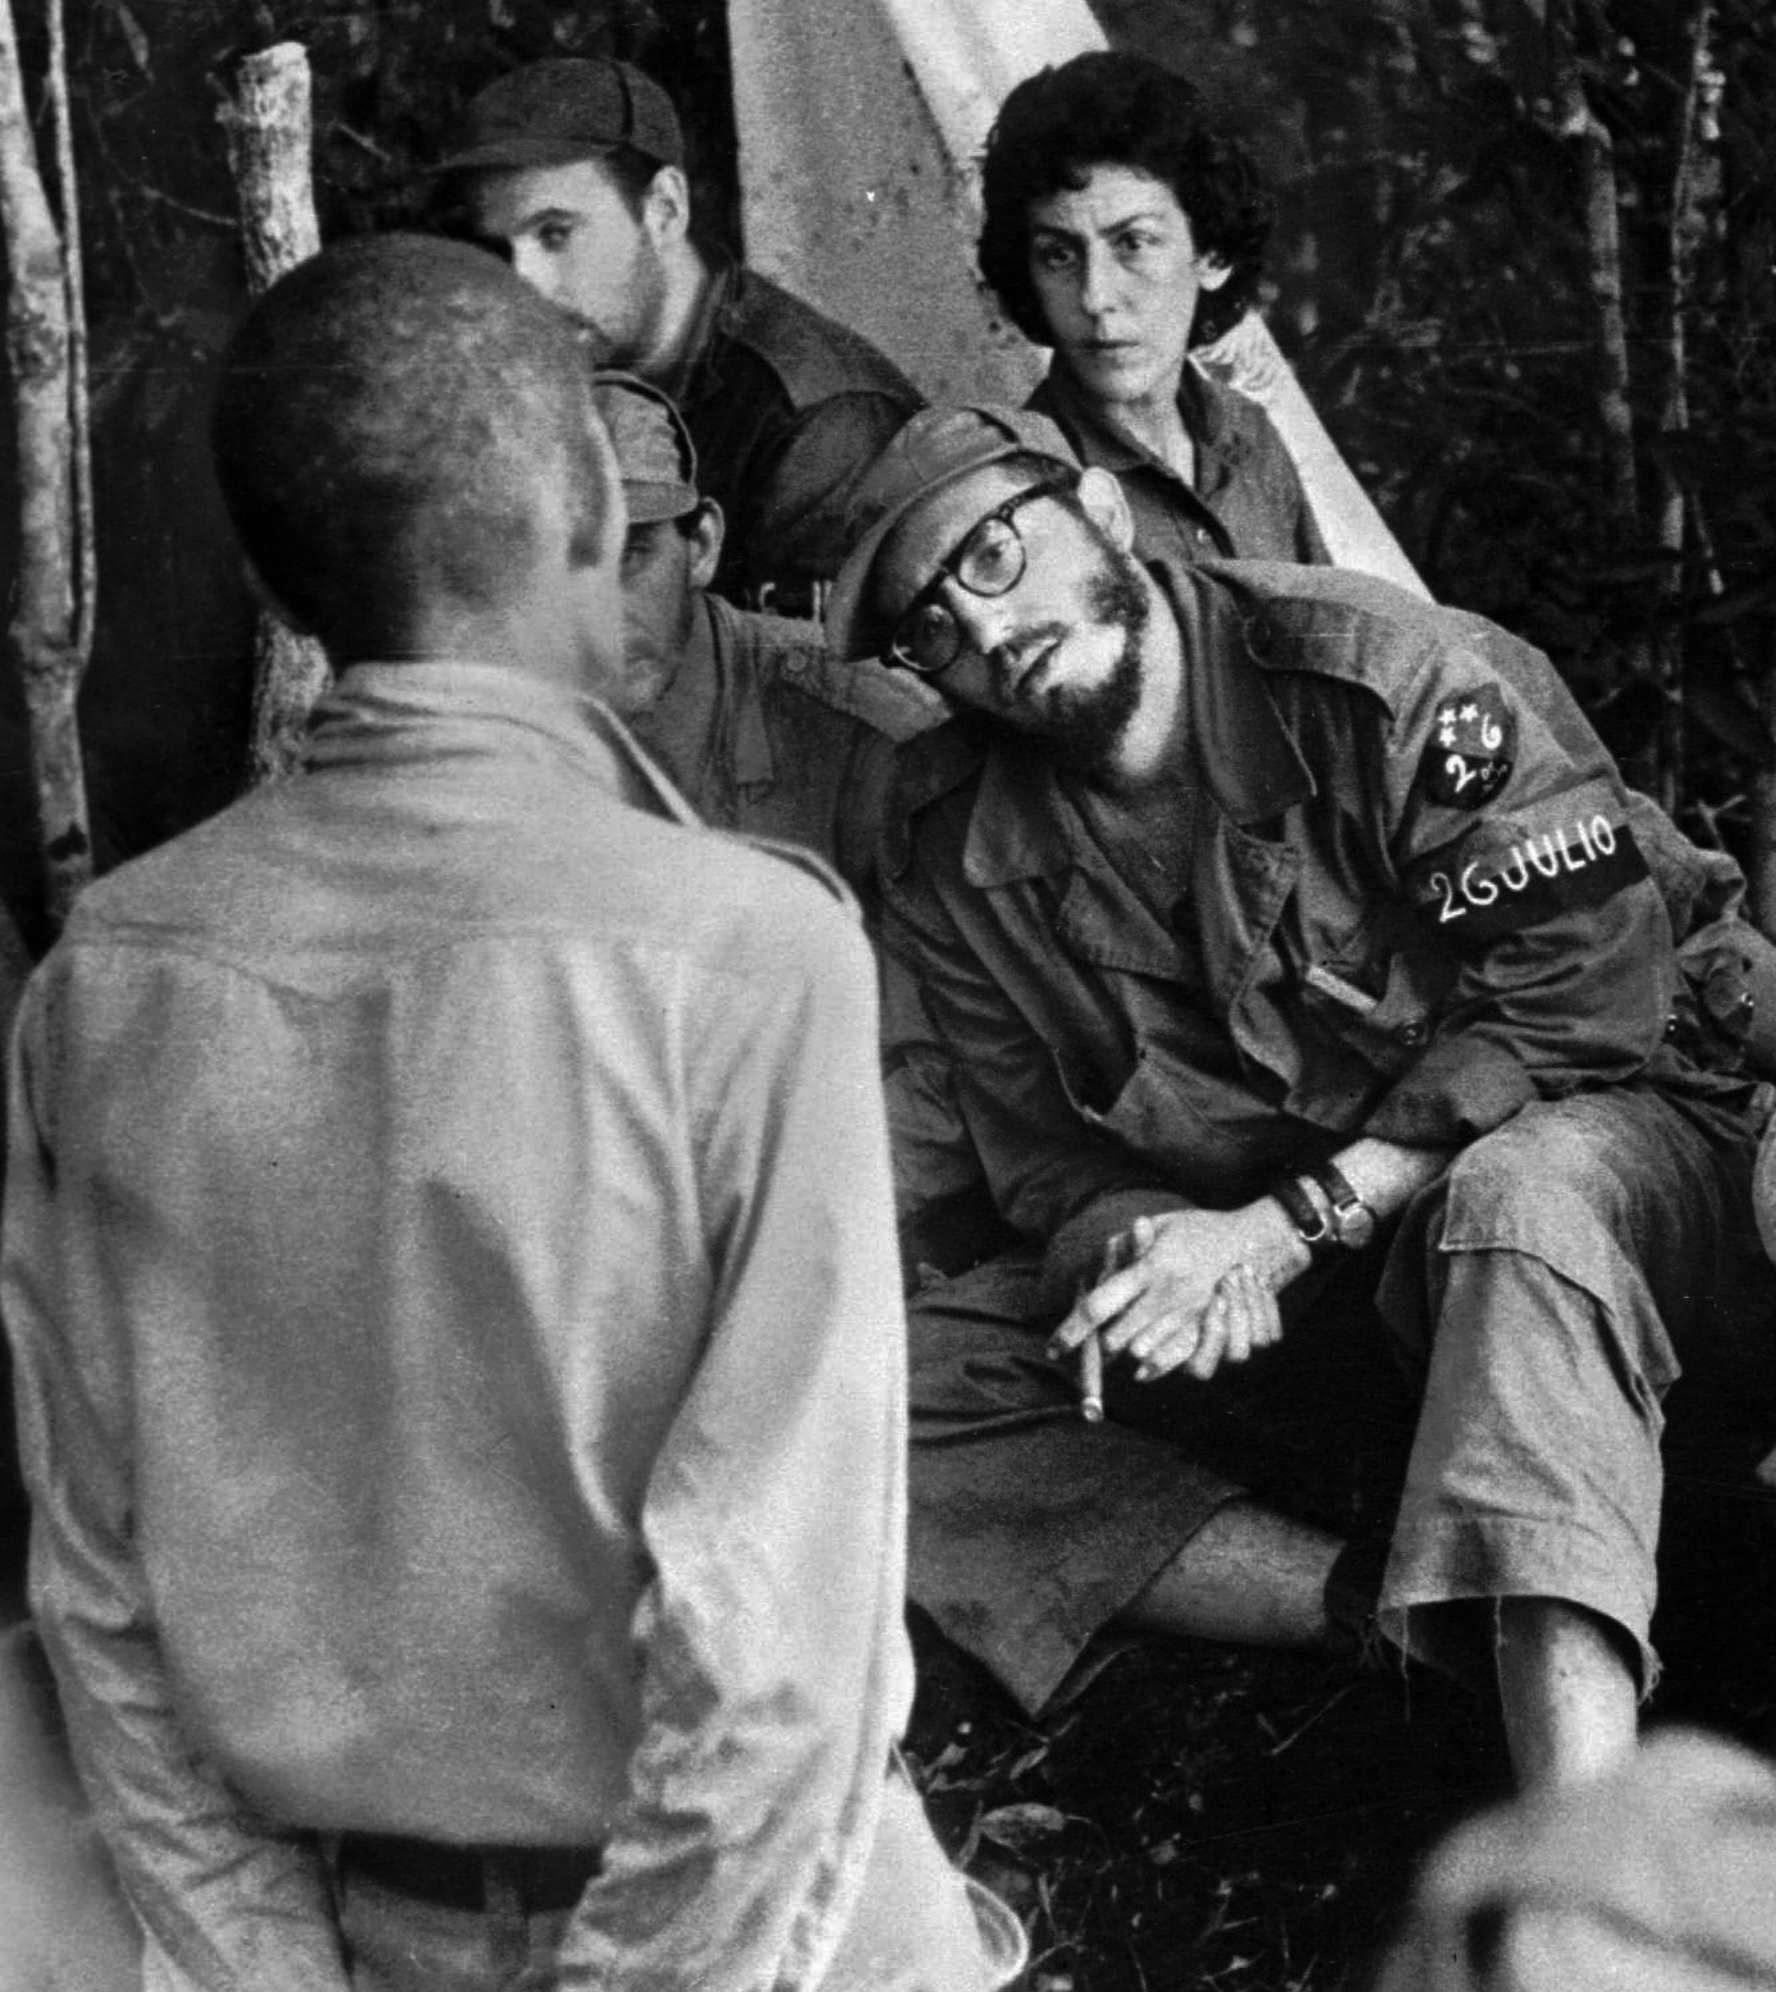 In This 1958 File Photo, Cuba's Leader Fidel Castro